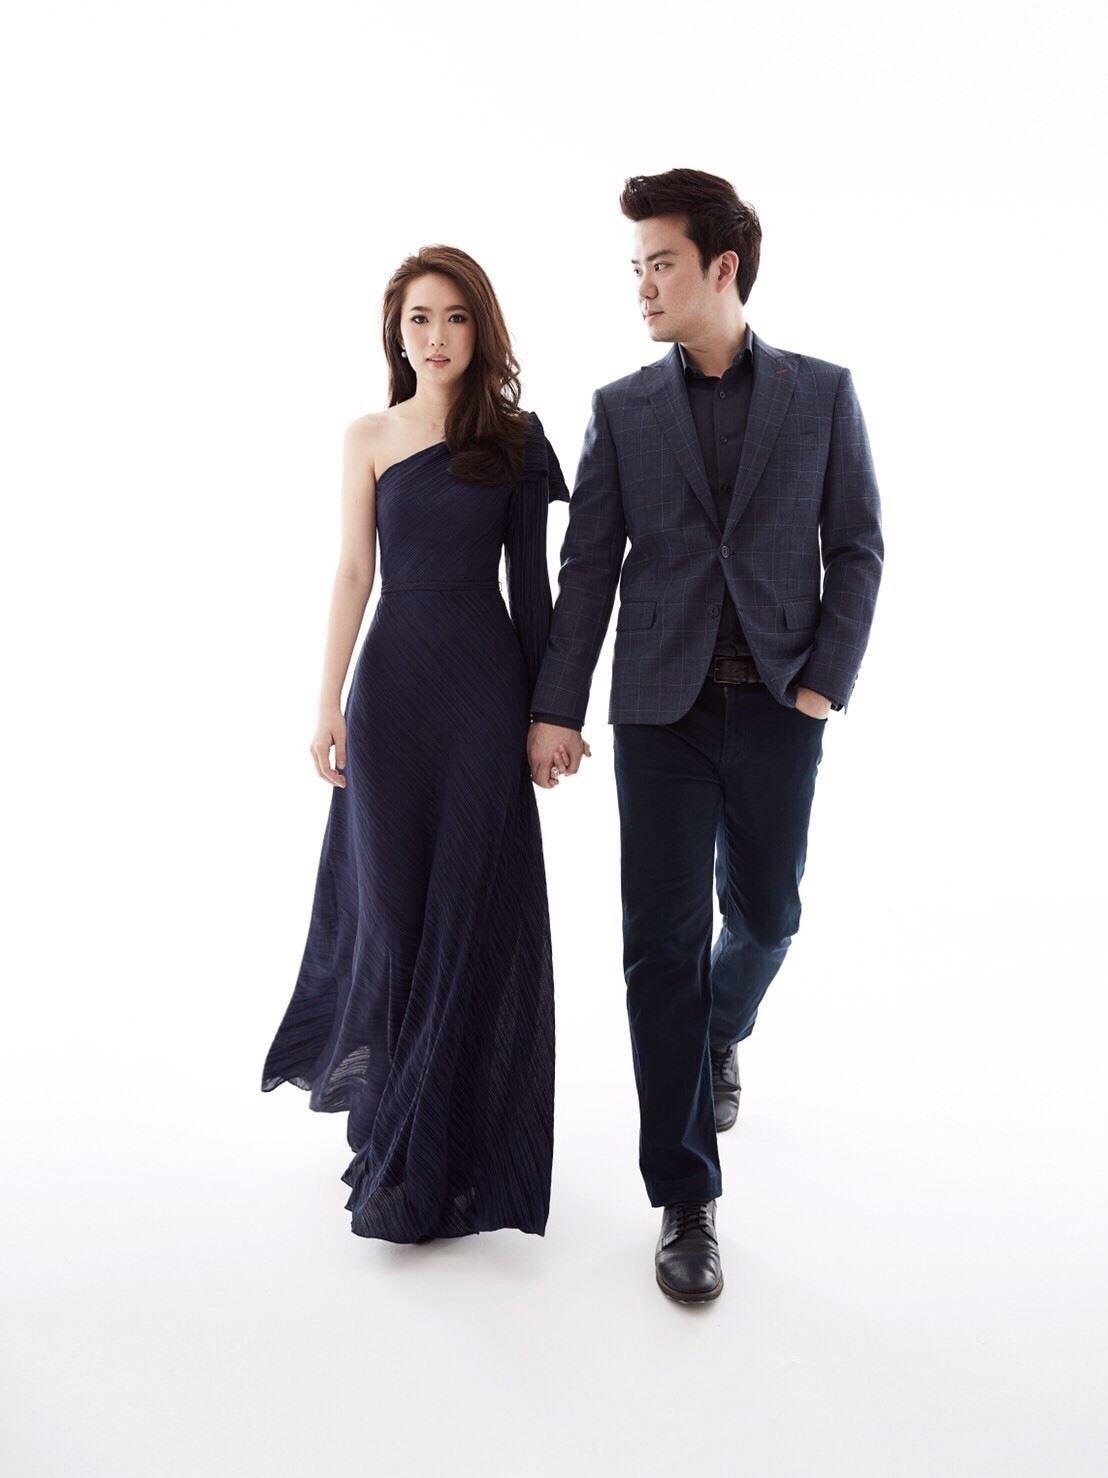 สูทเจ้าบ่าว_สูทแต่งงาน_wedding_suit_groom_suit_030